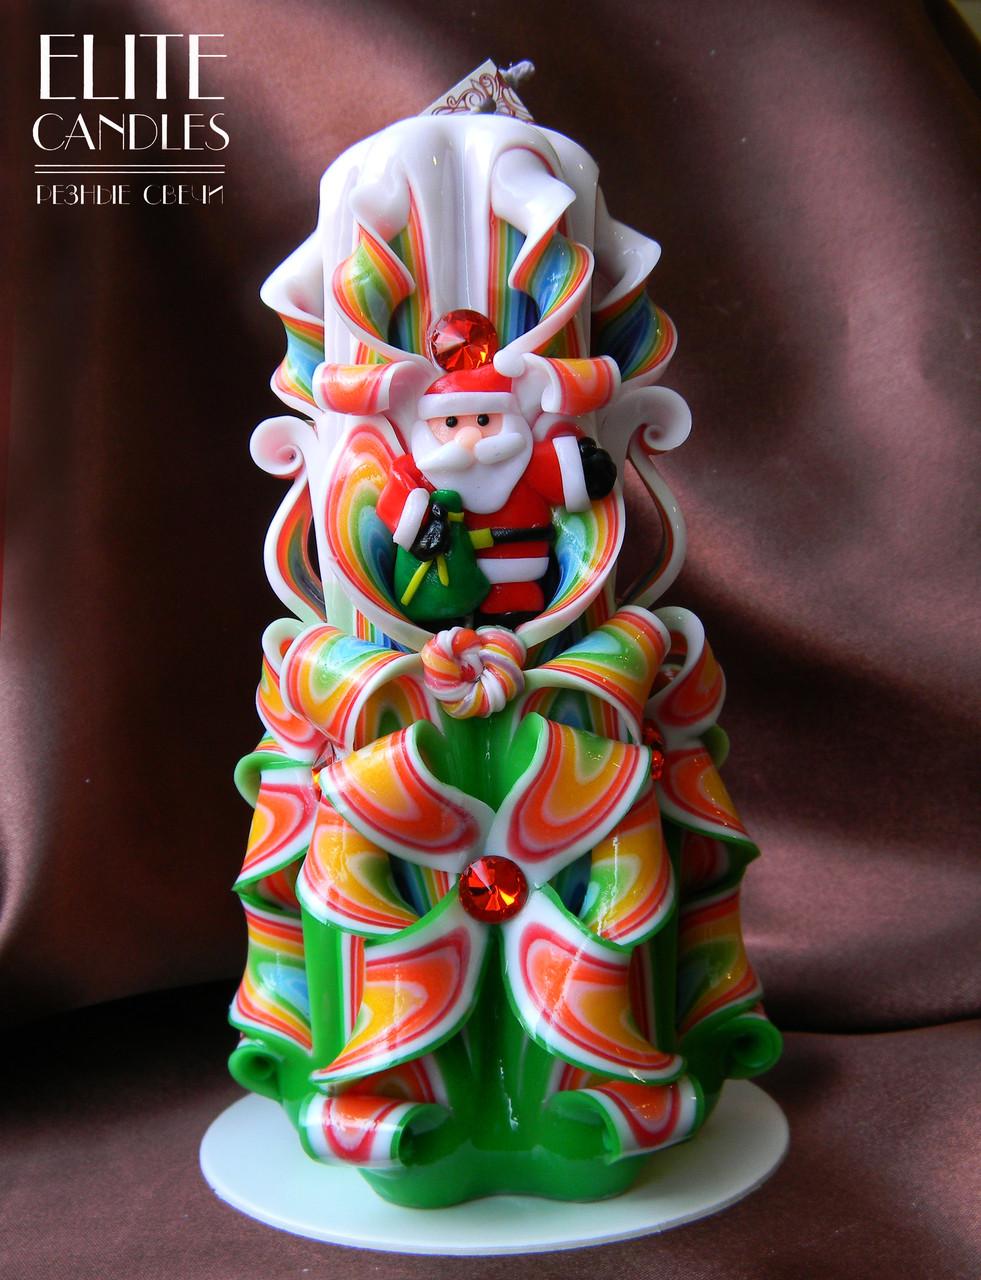 Новогодняя резная свеча с дедом морозом для подарка родным и близким Вам людям от Elite Candles - ELITE CANDLES Интернет-магазин подарков и декора в Каменце-Подольском